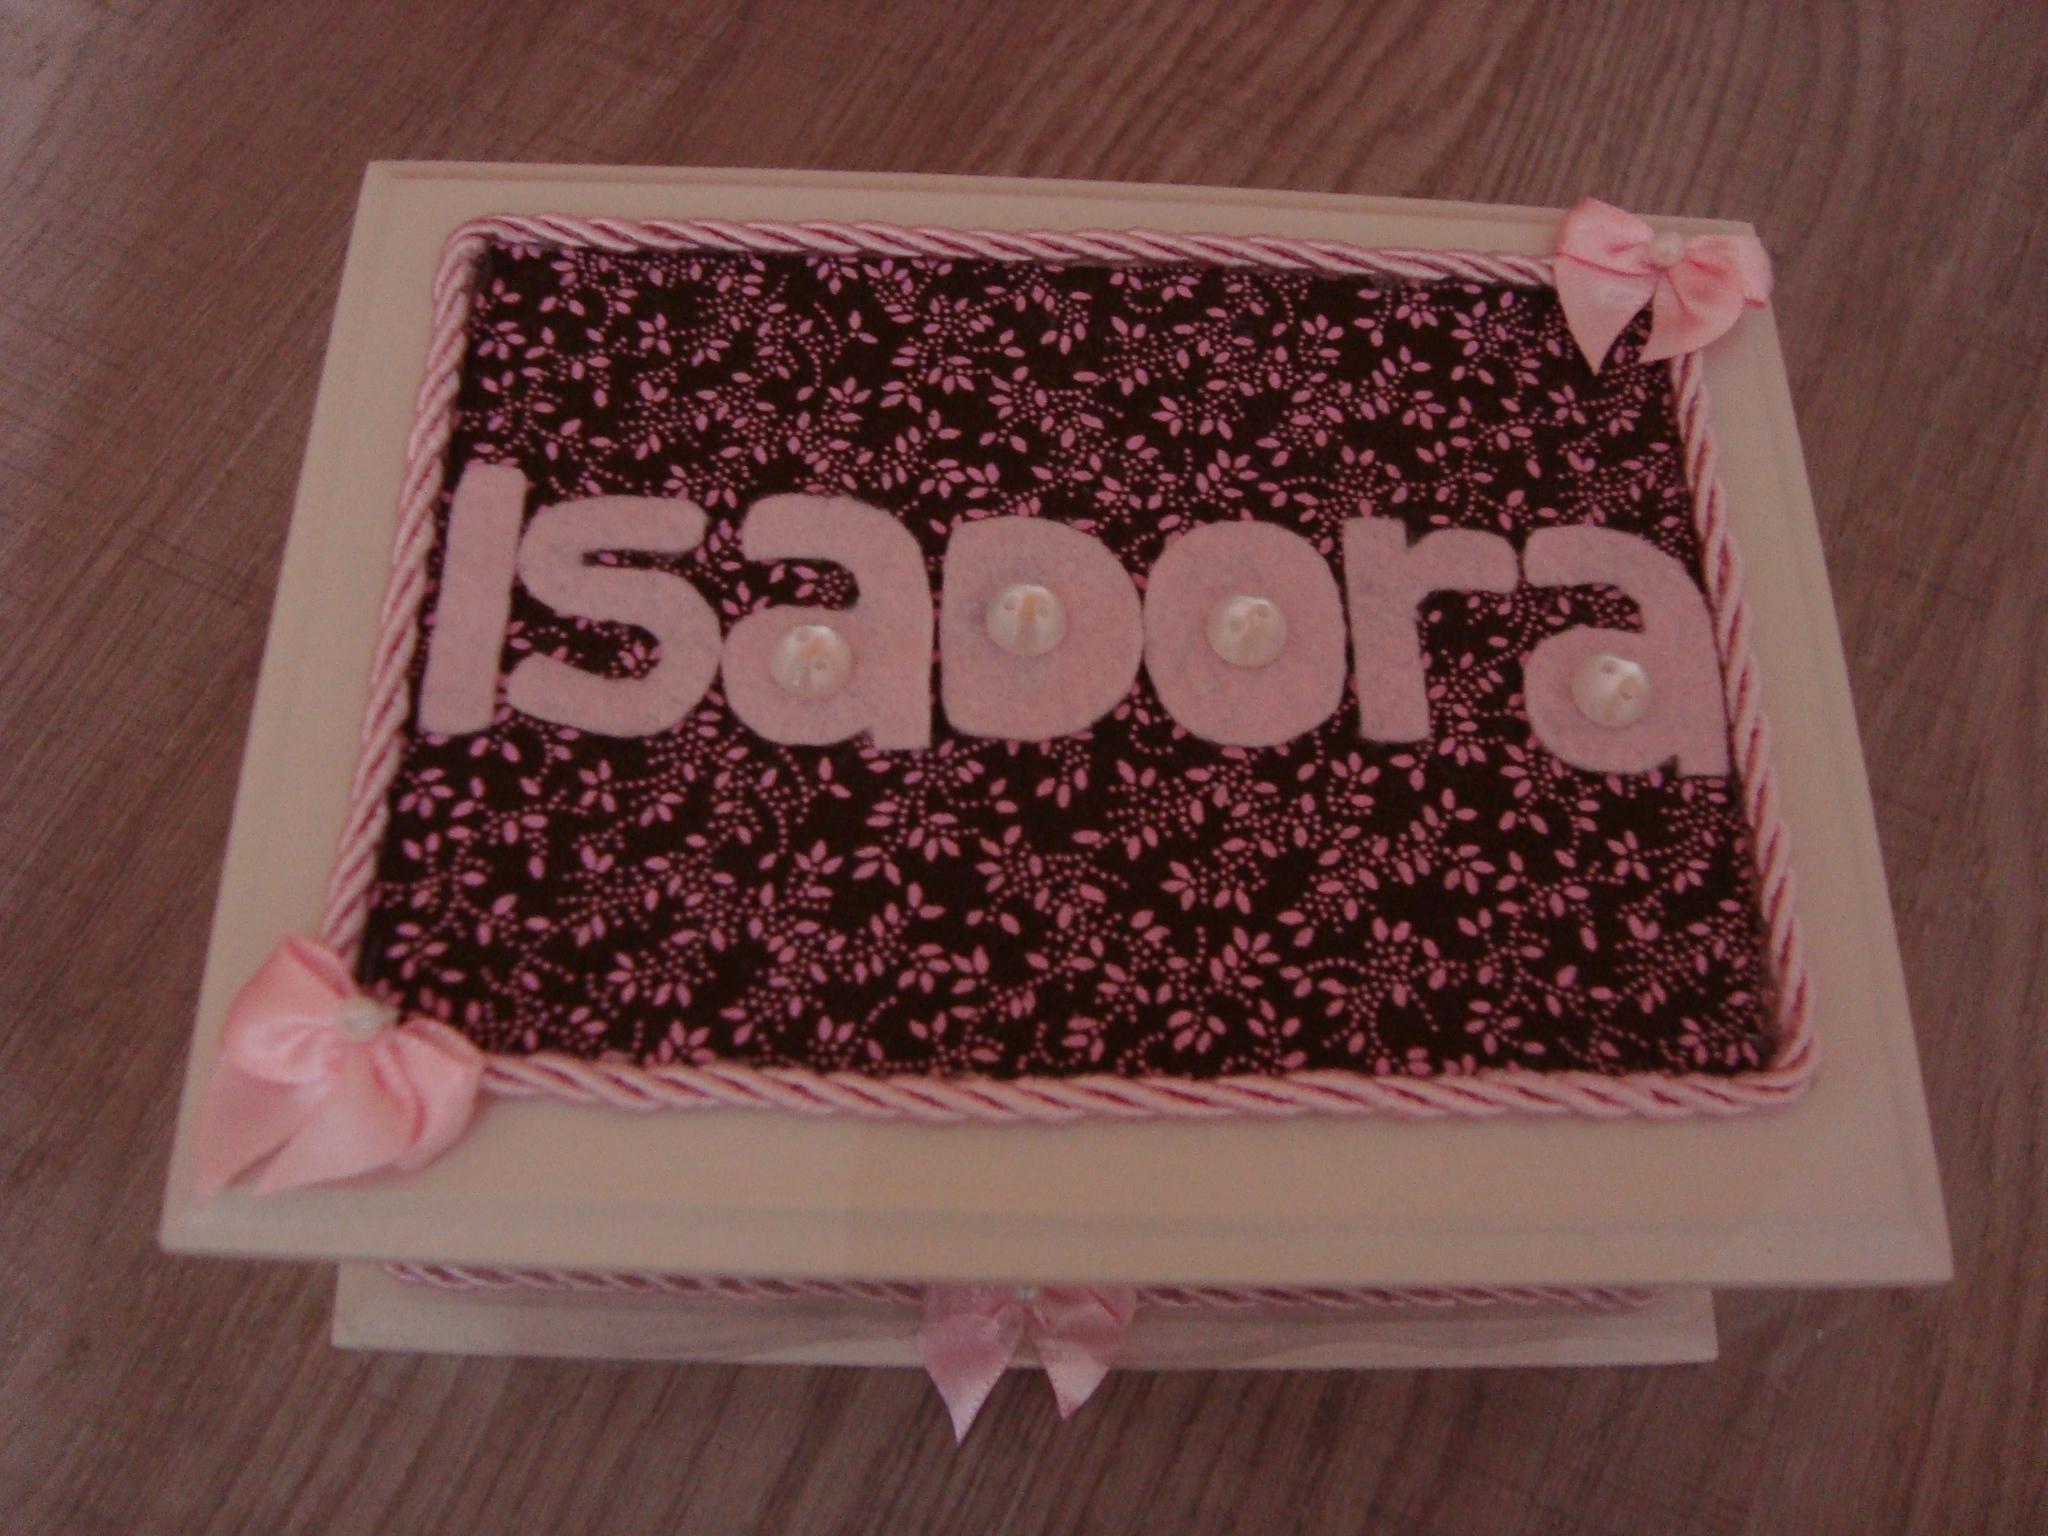 caixa de madeira decorada com tecido caixa caixa de madeira decorada  #903B43 2048x1536